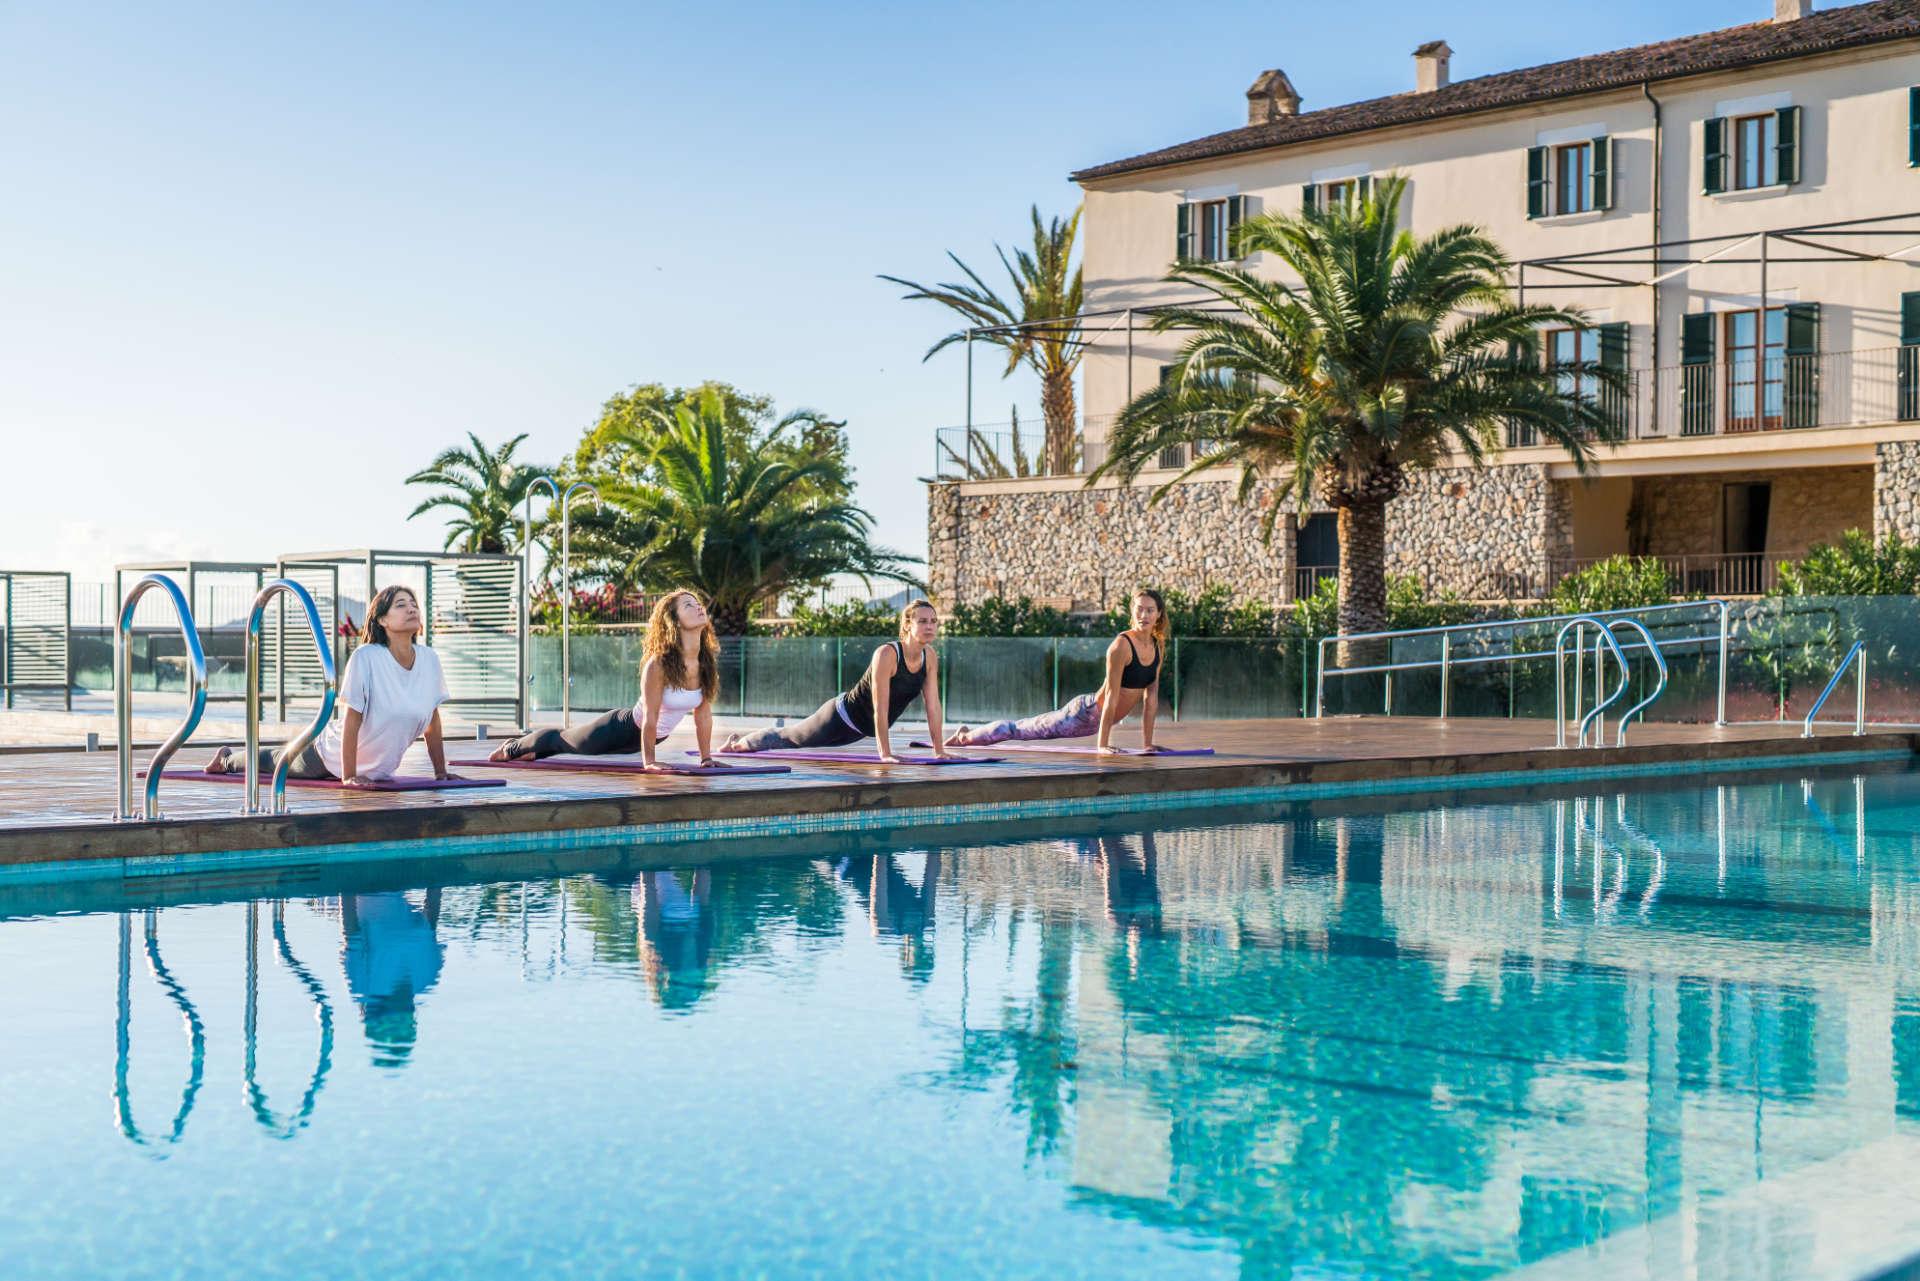 Carrossa Hotel Spa Villas Mallorca Yoga